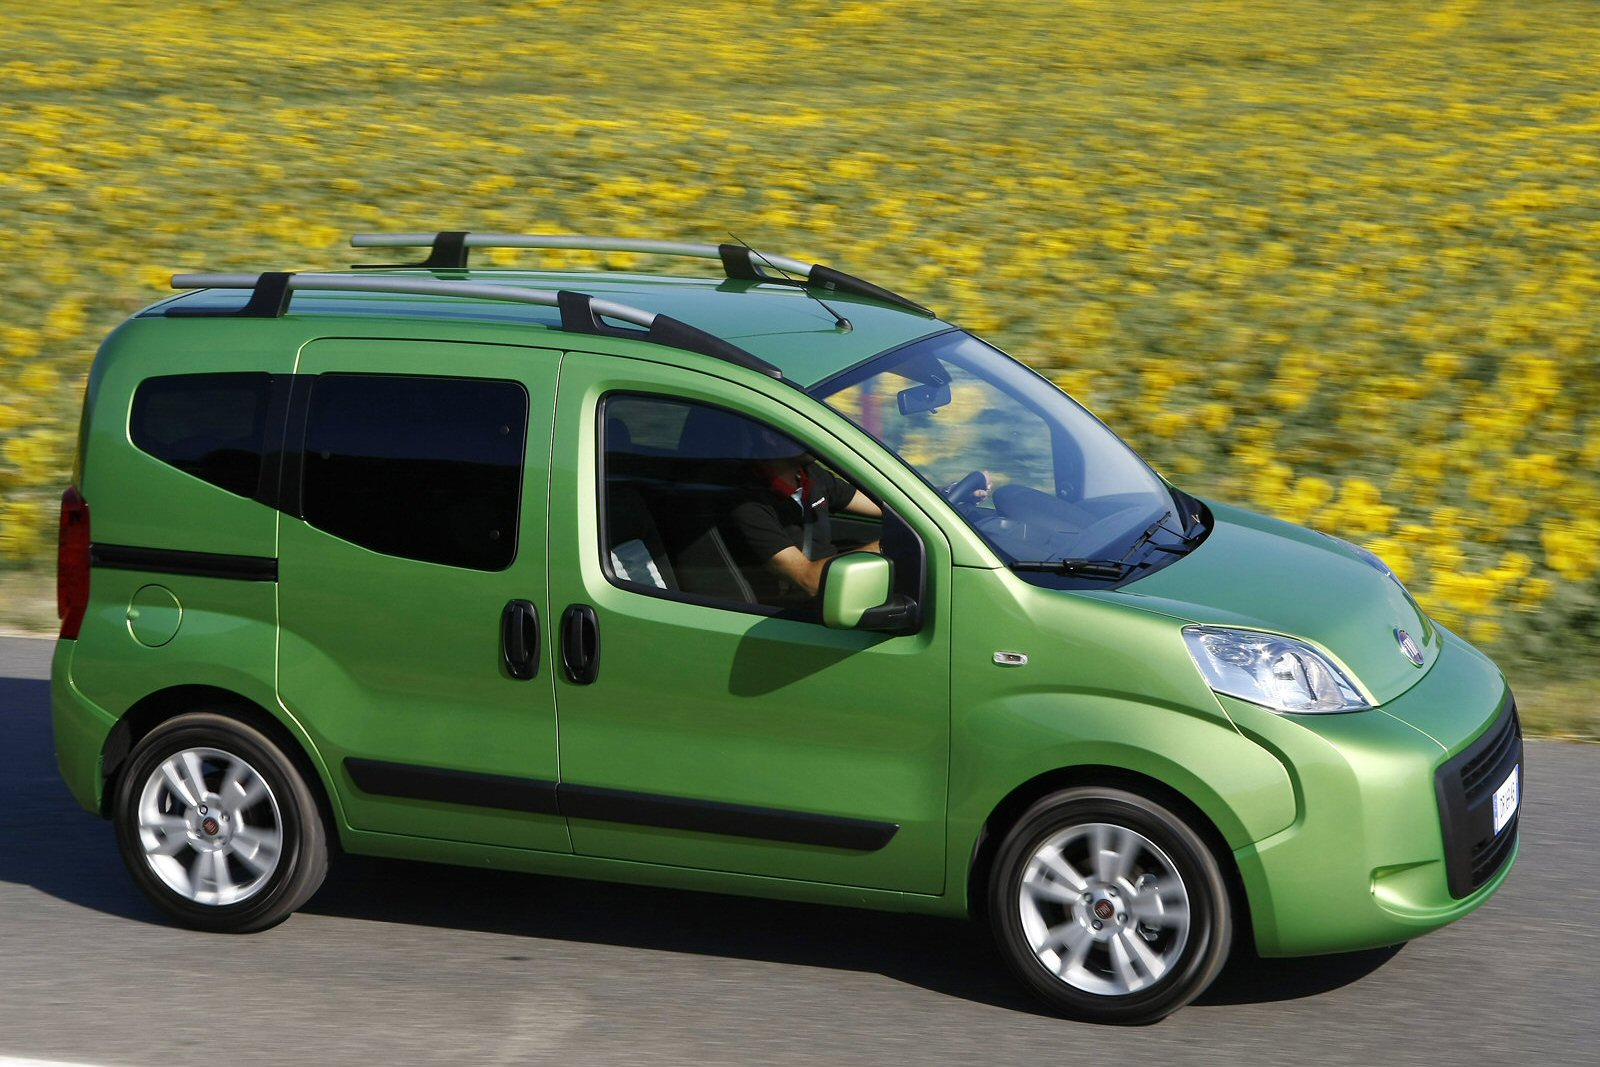 New Fiat Qubo 13 Multijet 80 Active 5Dr Diesel Estate for Sale